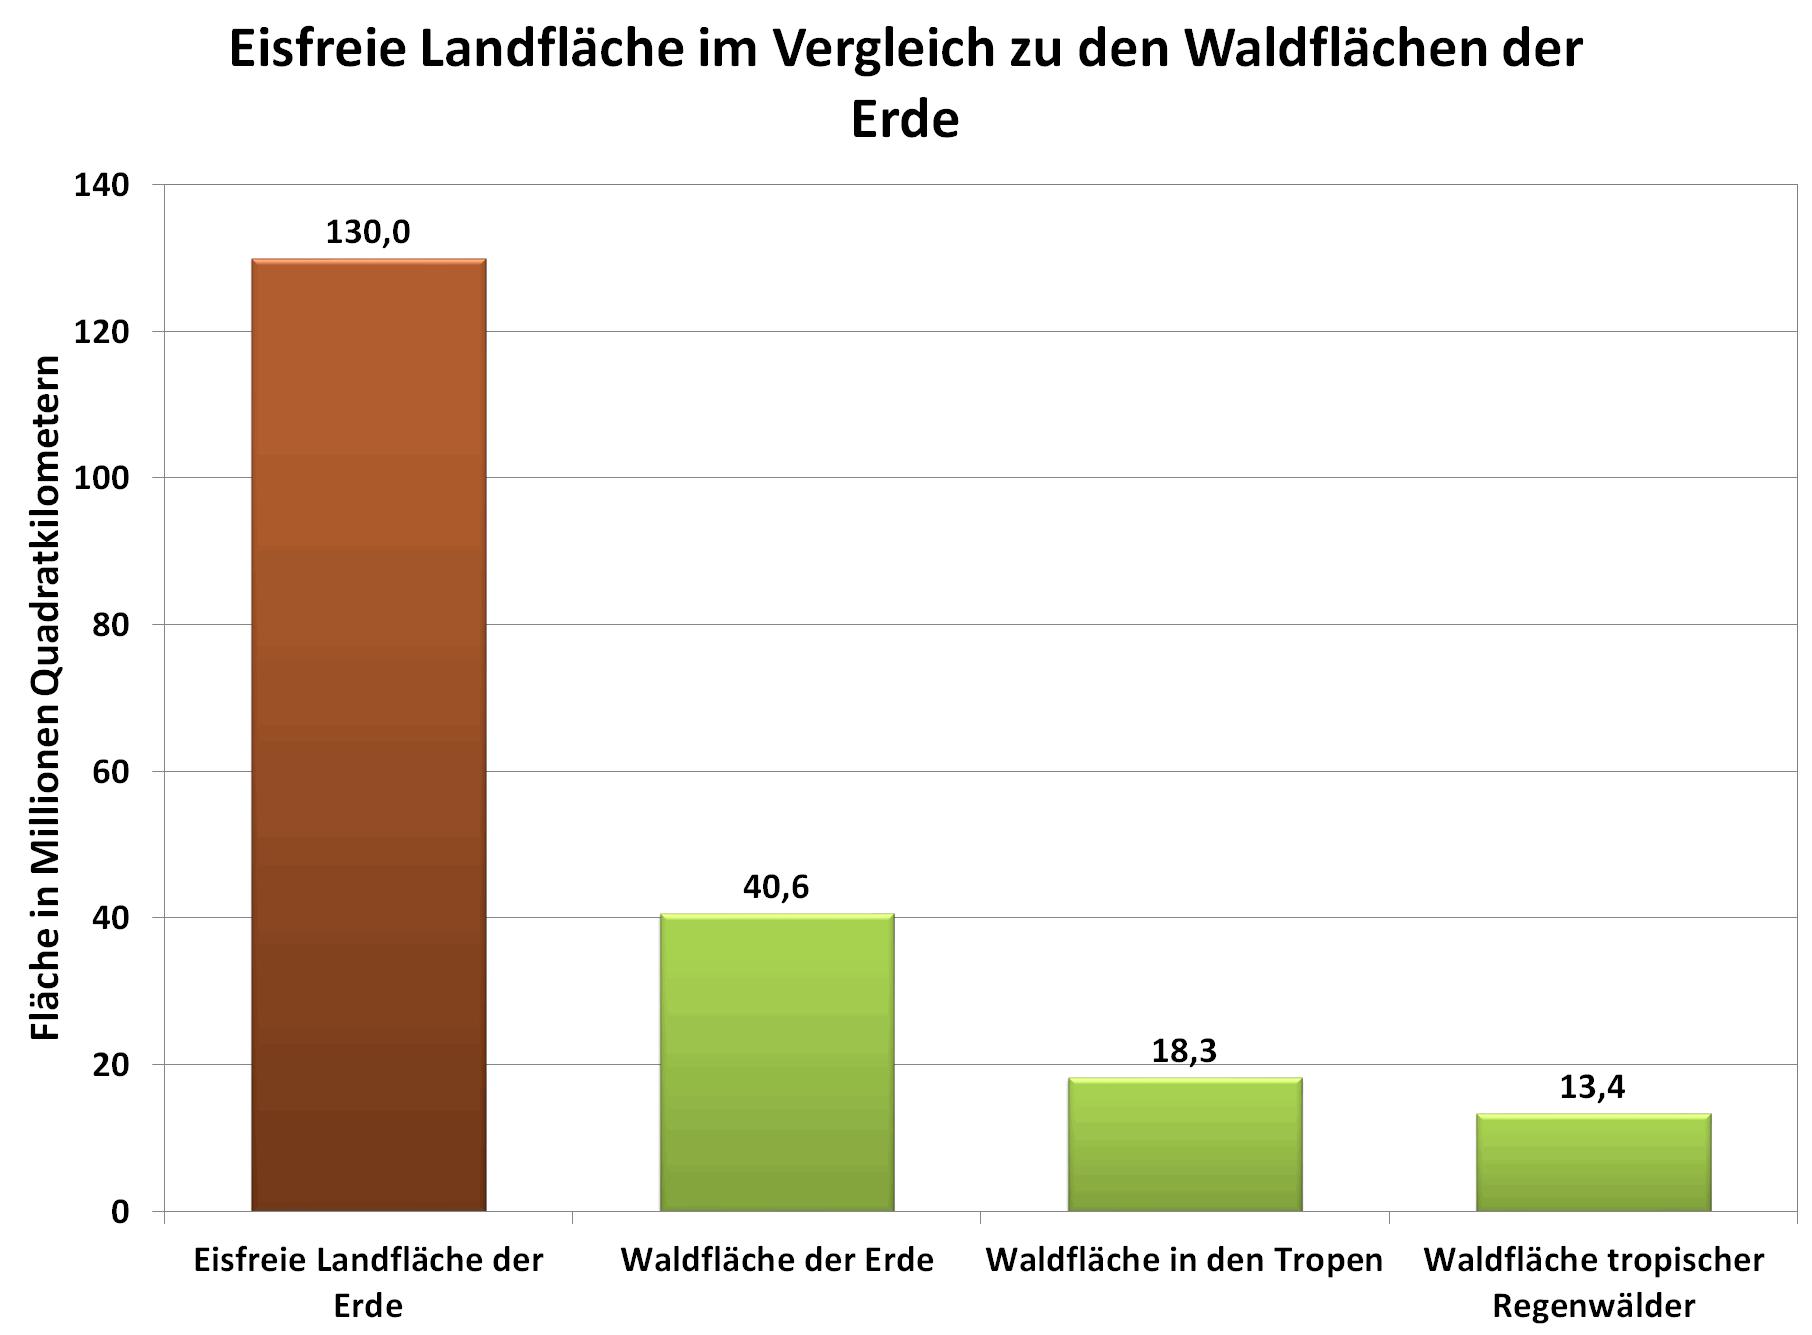 Grafik: Eisfreie Landfläche im Vergleich zu den Waldflächen der Erde